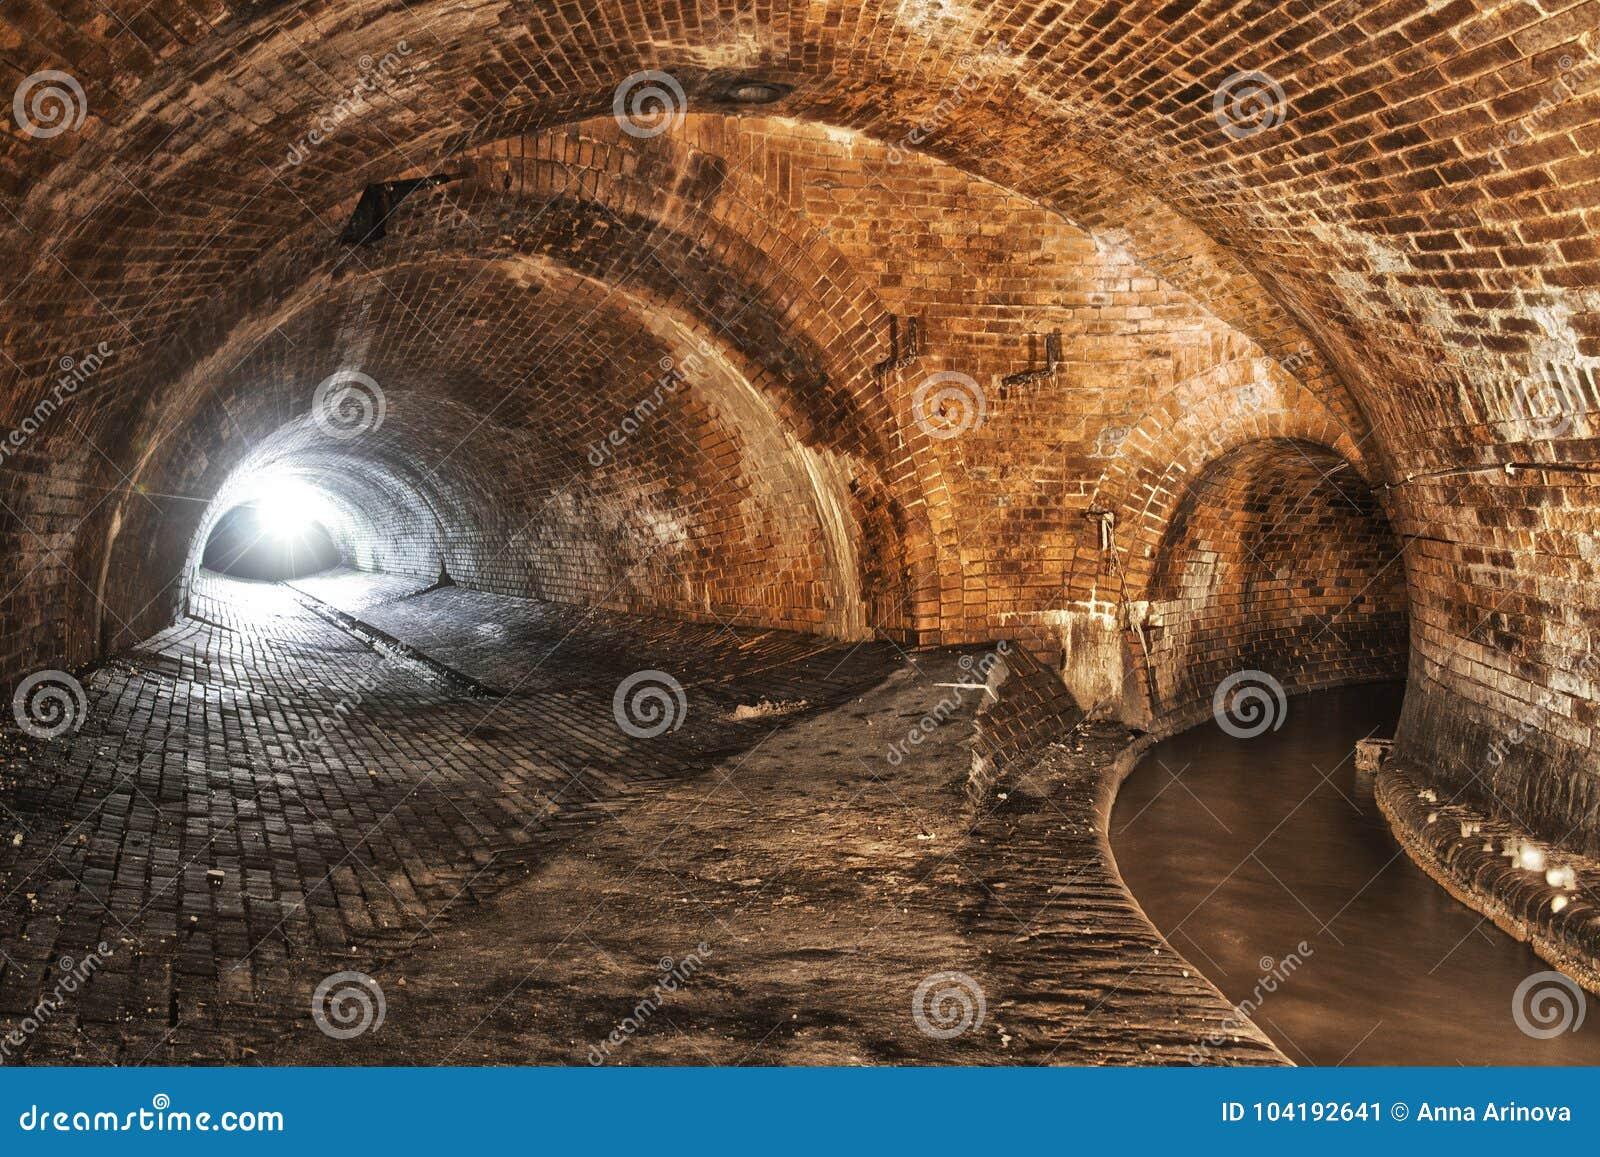 Подземная система под городом